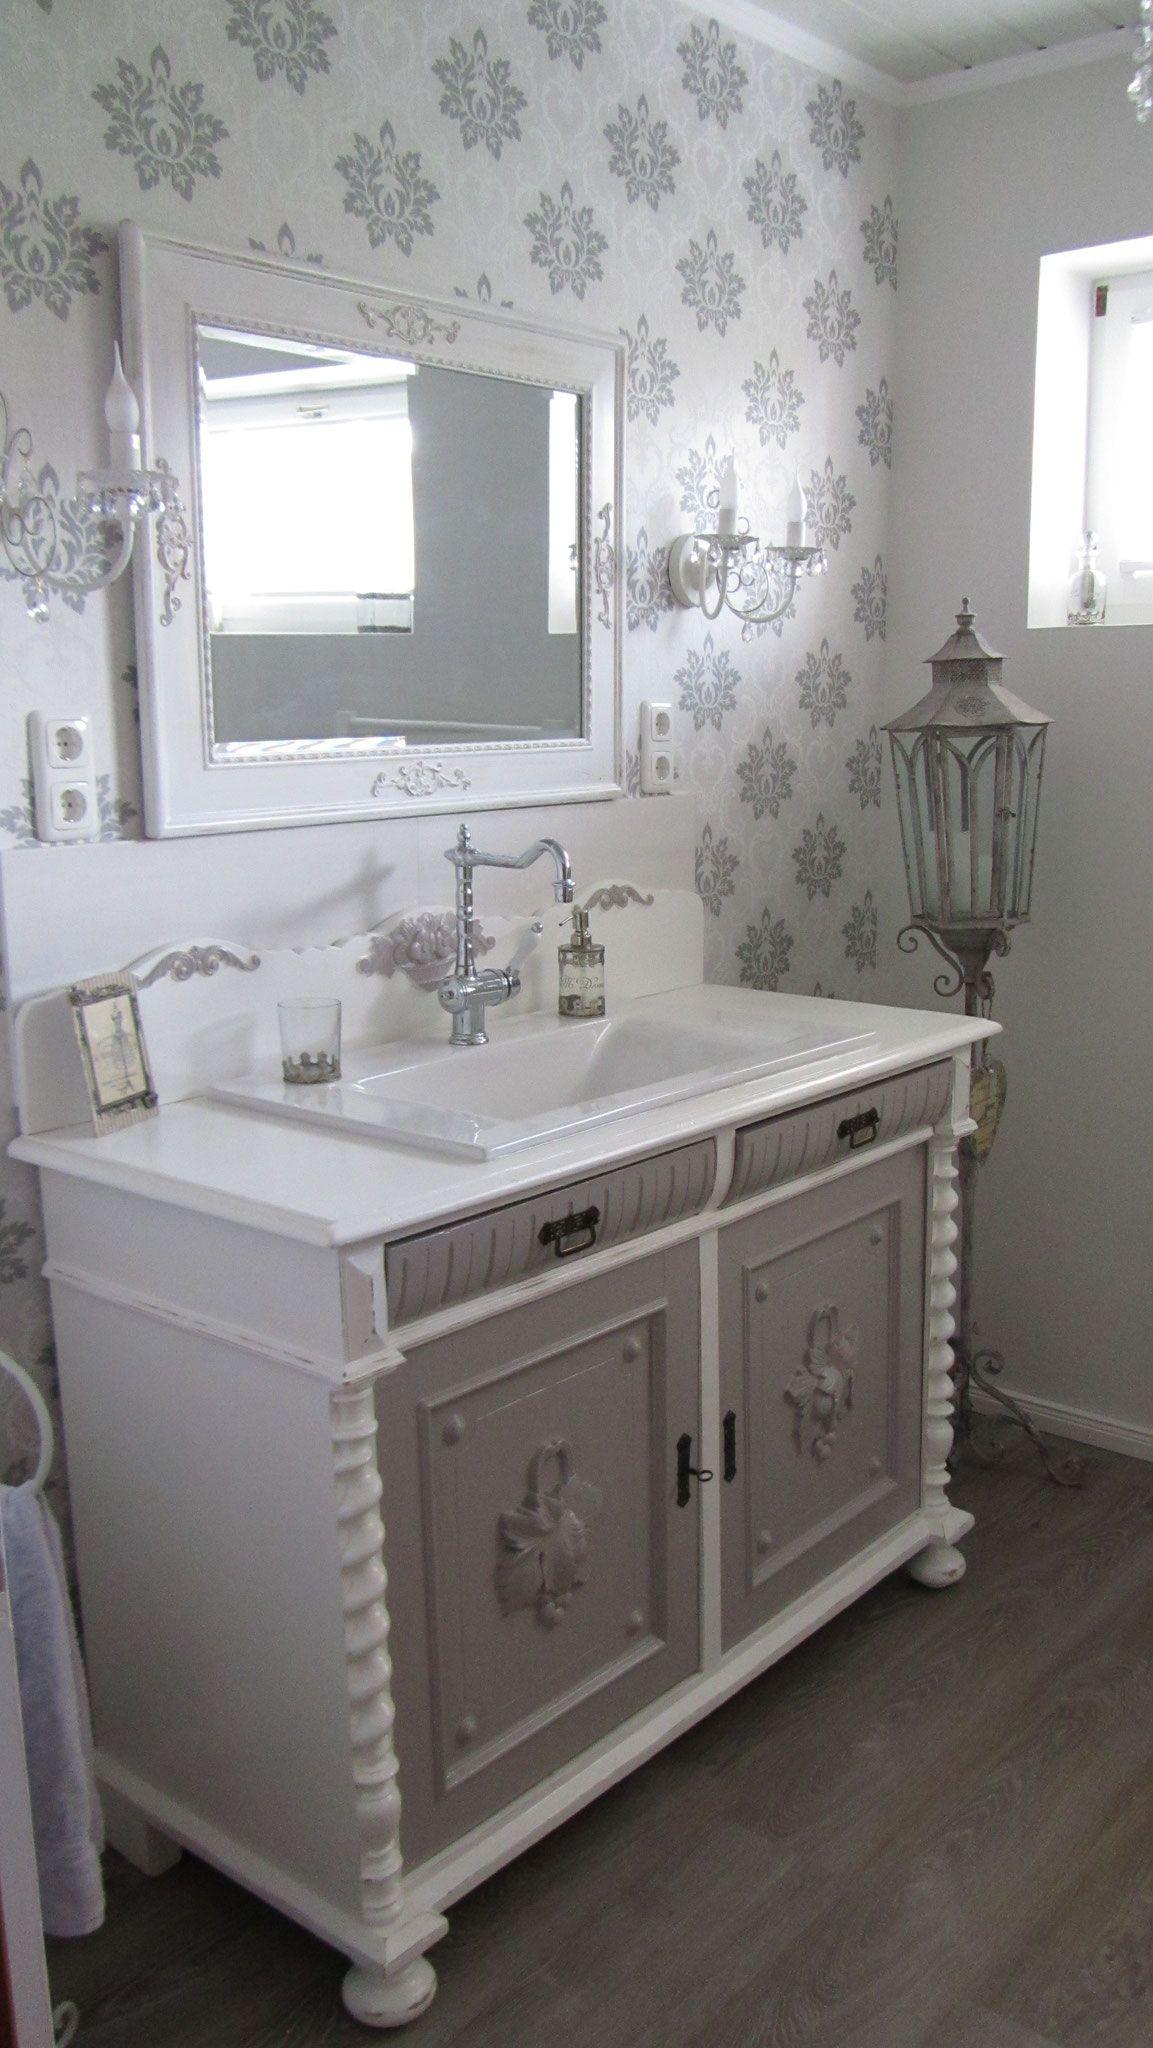 pelipal badm bel landhausstil landhausstil badmobel. Black Bedroom Furniture Sets. Home Design Ideas